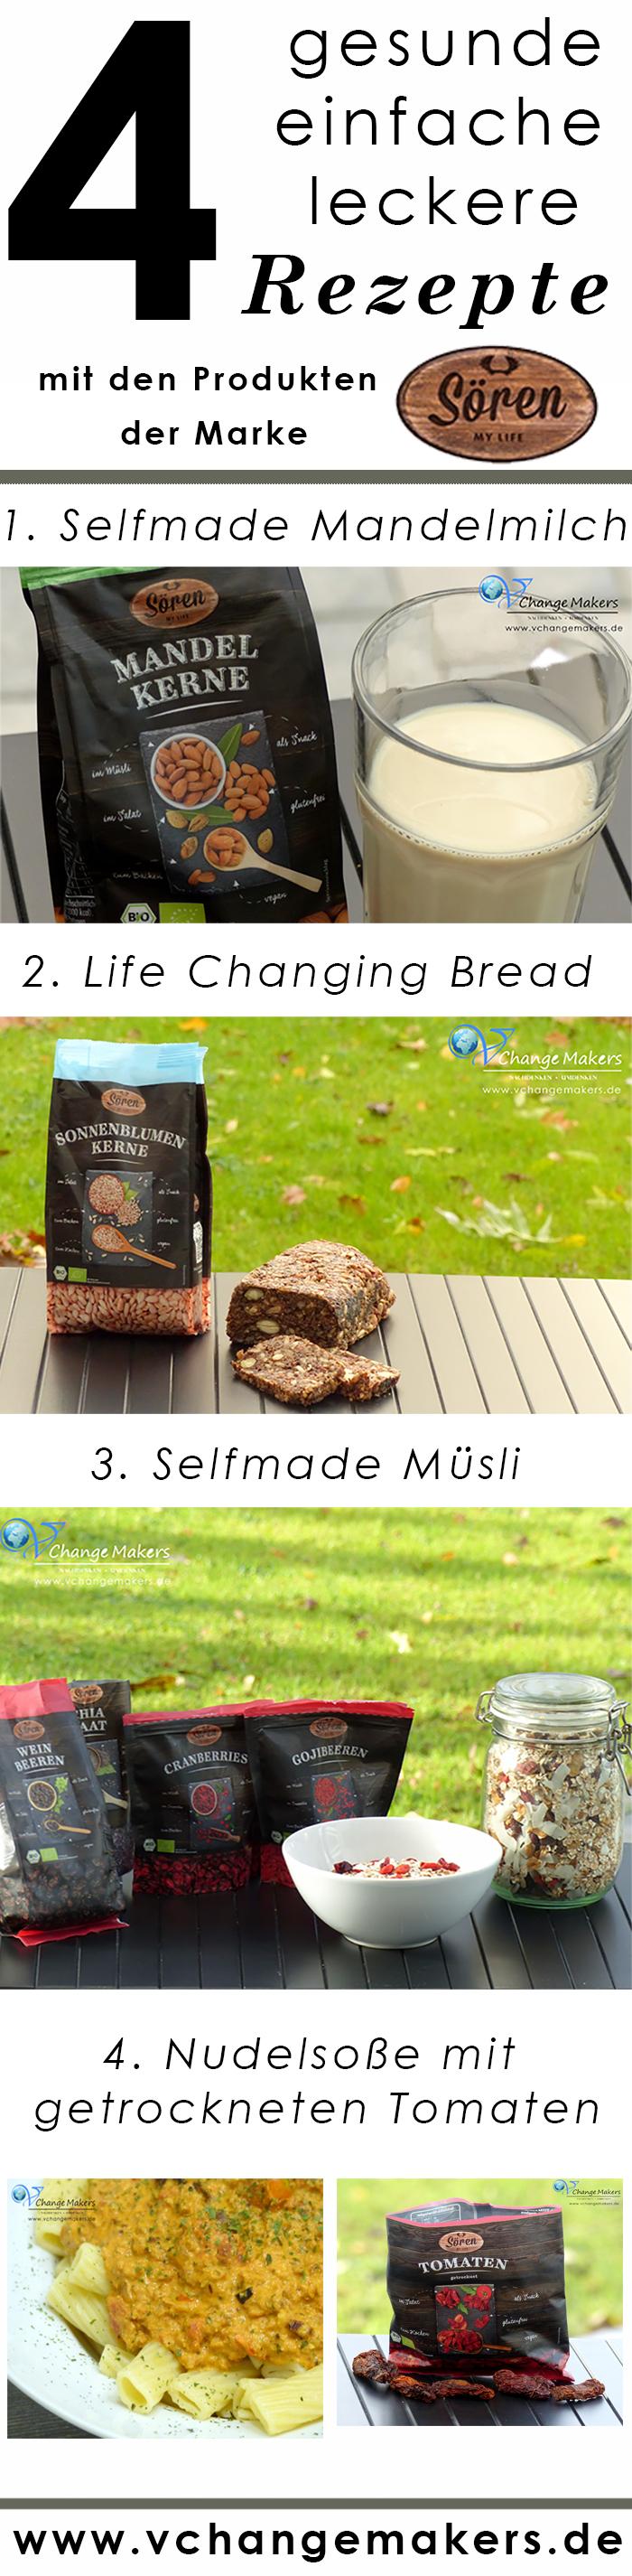 [Anzeige] Heute stelle ich euch 4 einfache, leckere und gesunde Rezepte mit Produkten von Sören vor. Selbst gemachte Mandelmilch, Life Changing Bread, Müsli